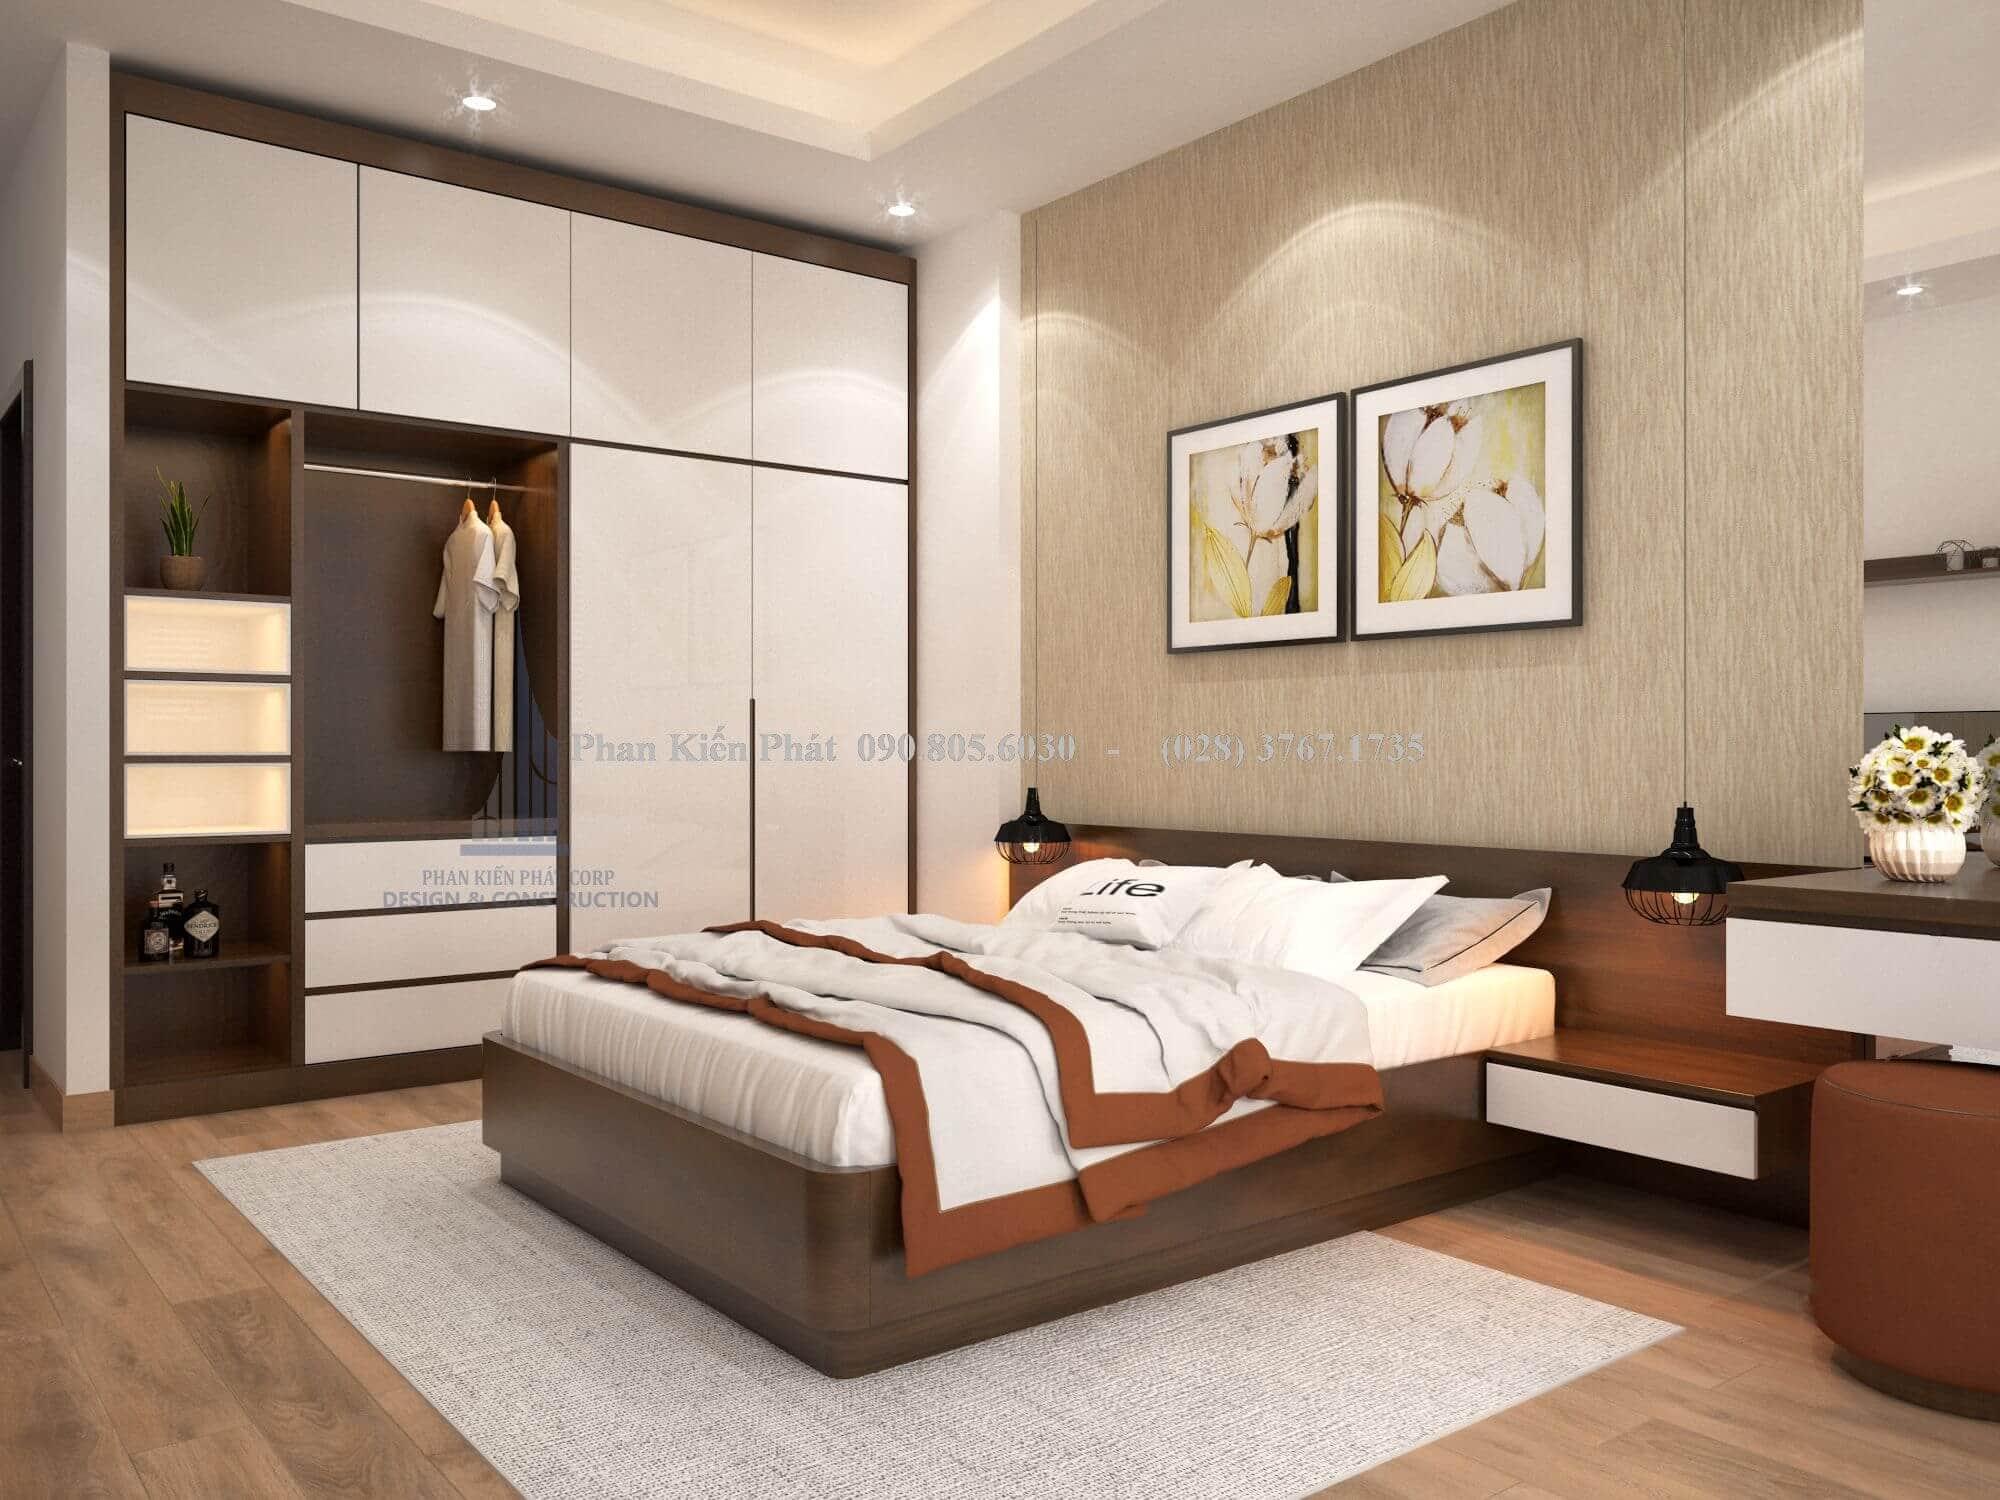 Thiết kế nội thất tủ gỗ rộng rãi sát tường tiết kiệm tối đa diện tích